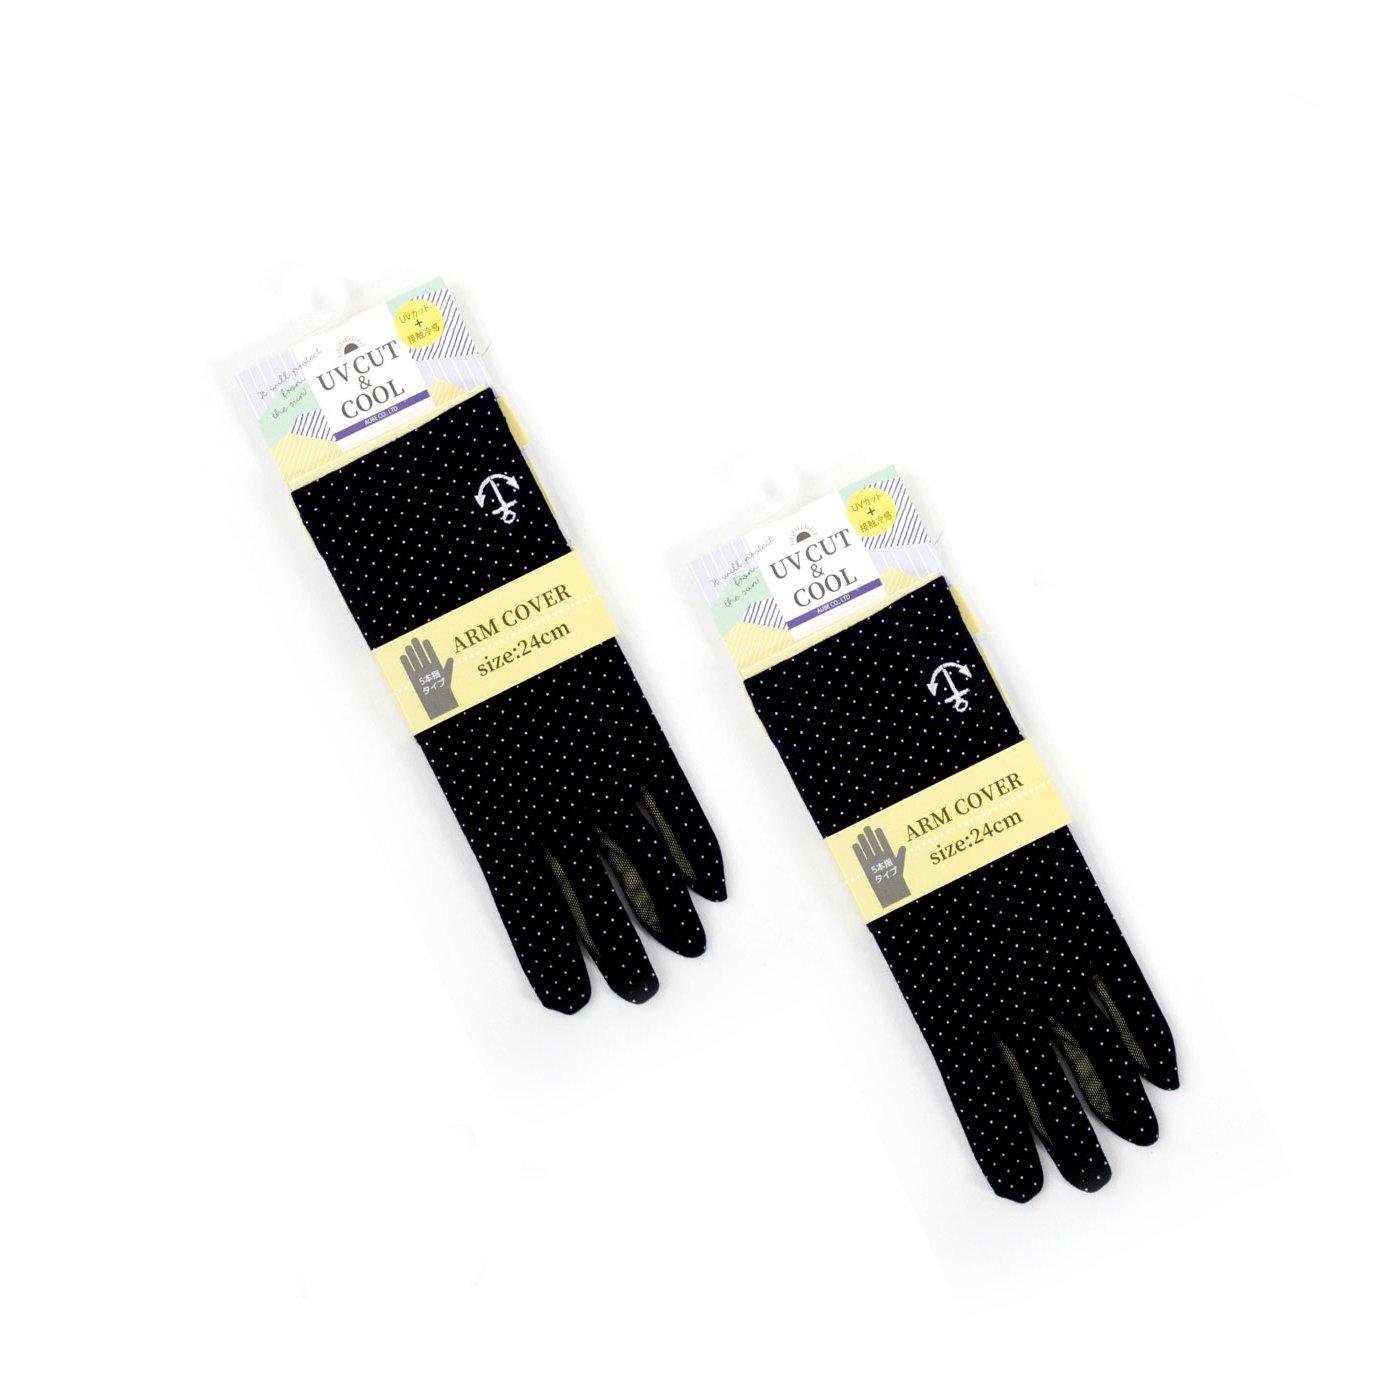 【特急便】UV対策&接触冷感手袋<ドット柄> ニコシェアセット